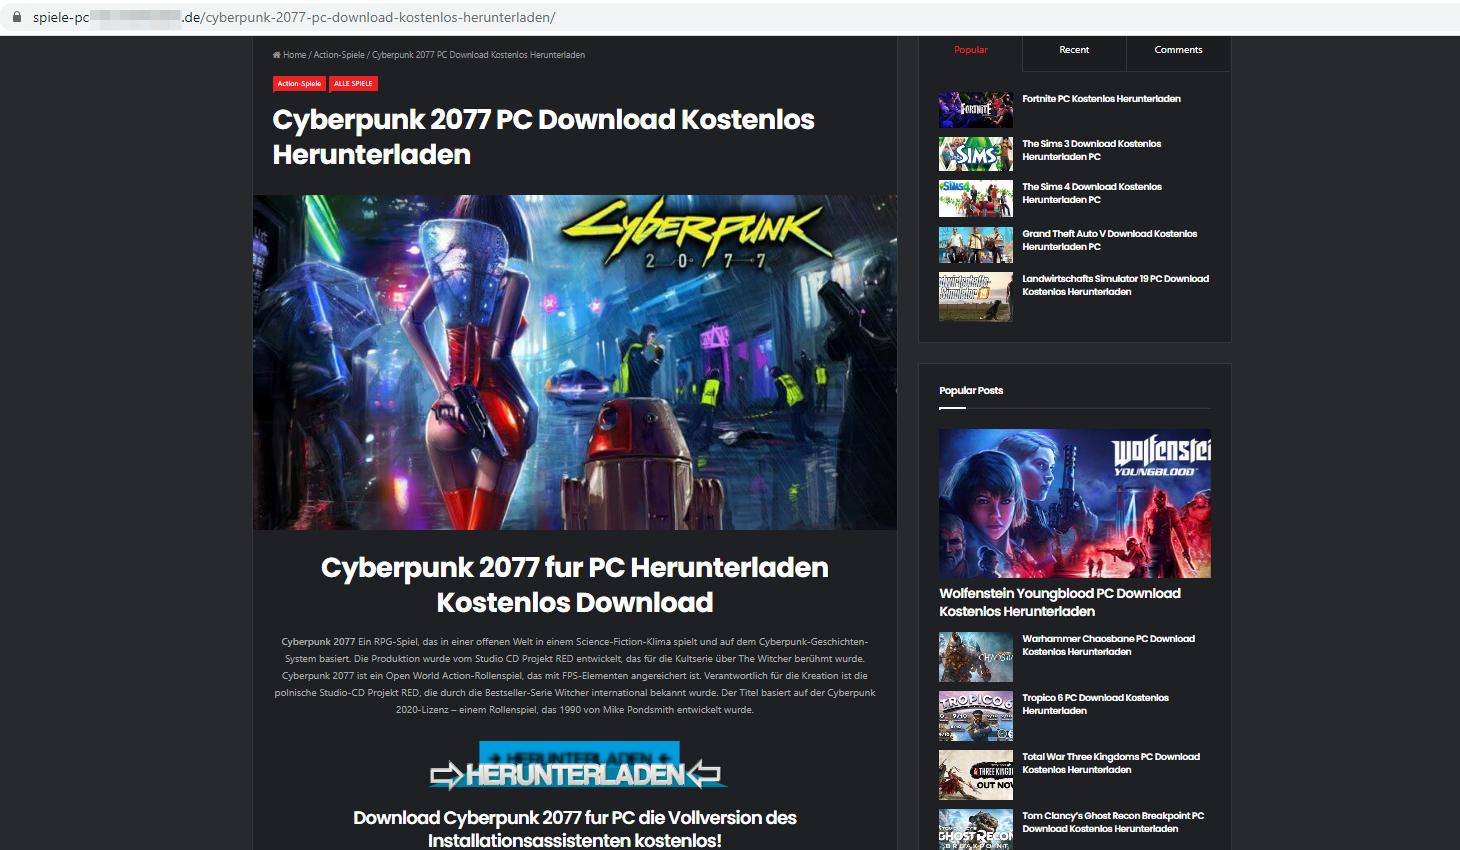 Website in German, with a large Herunterladen (Download) button